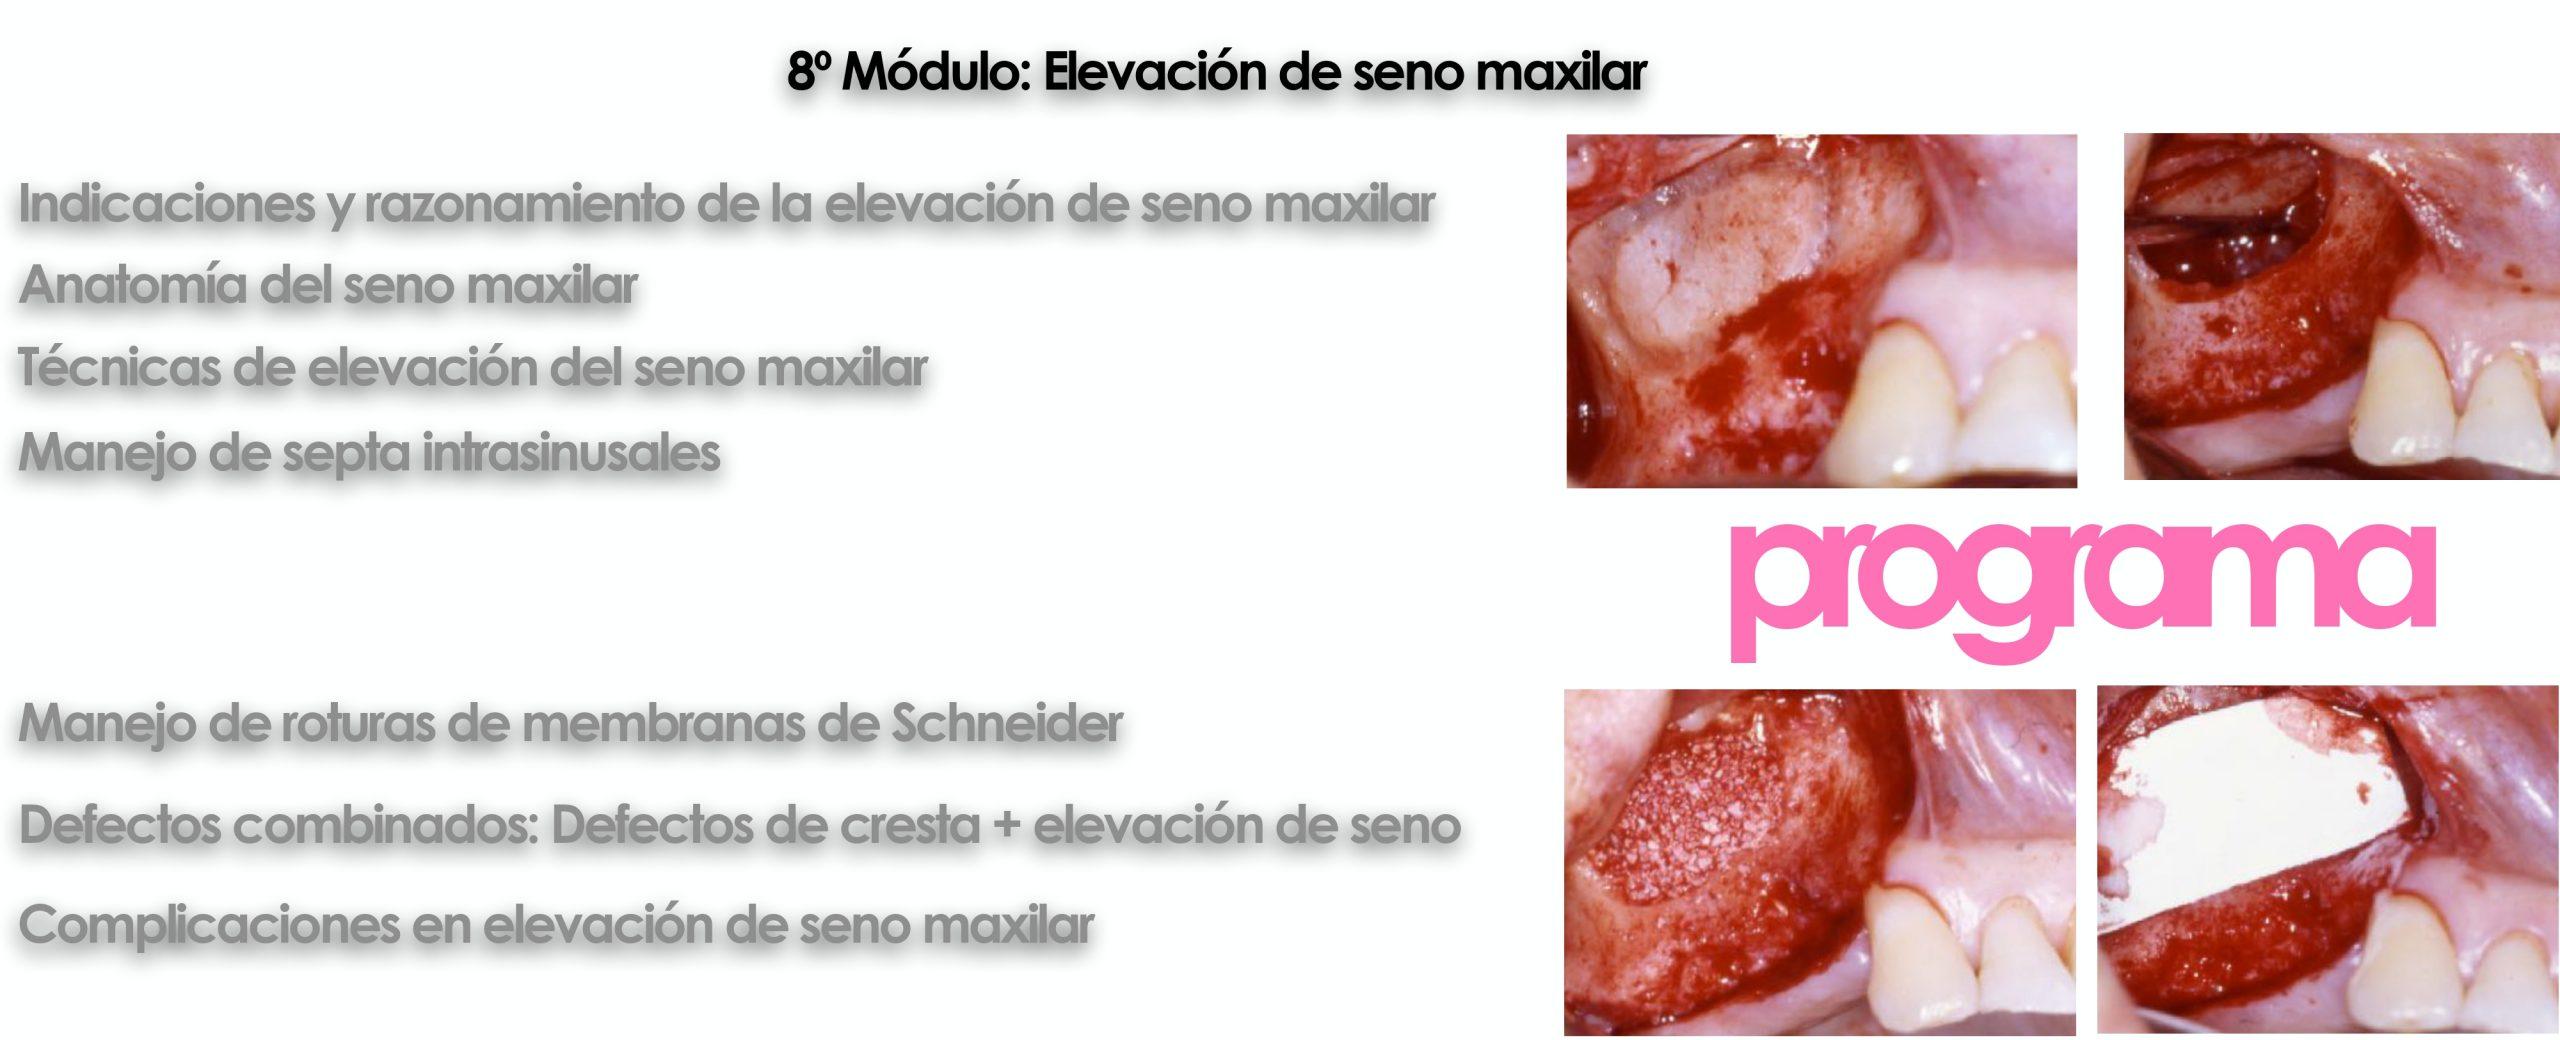 Curso cirugía periodontal e implantológica 2022 12